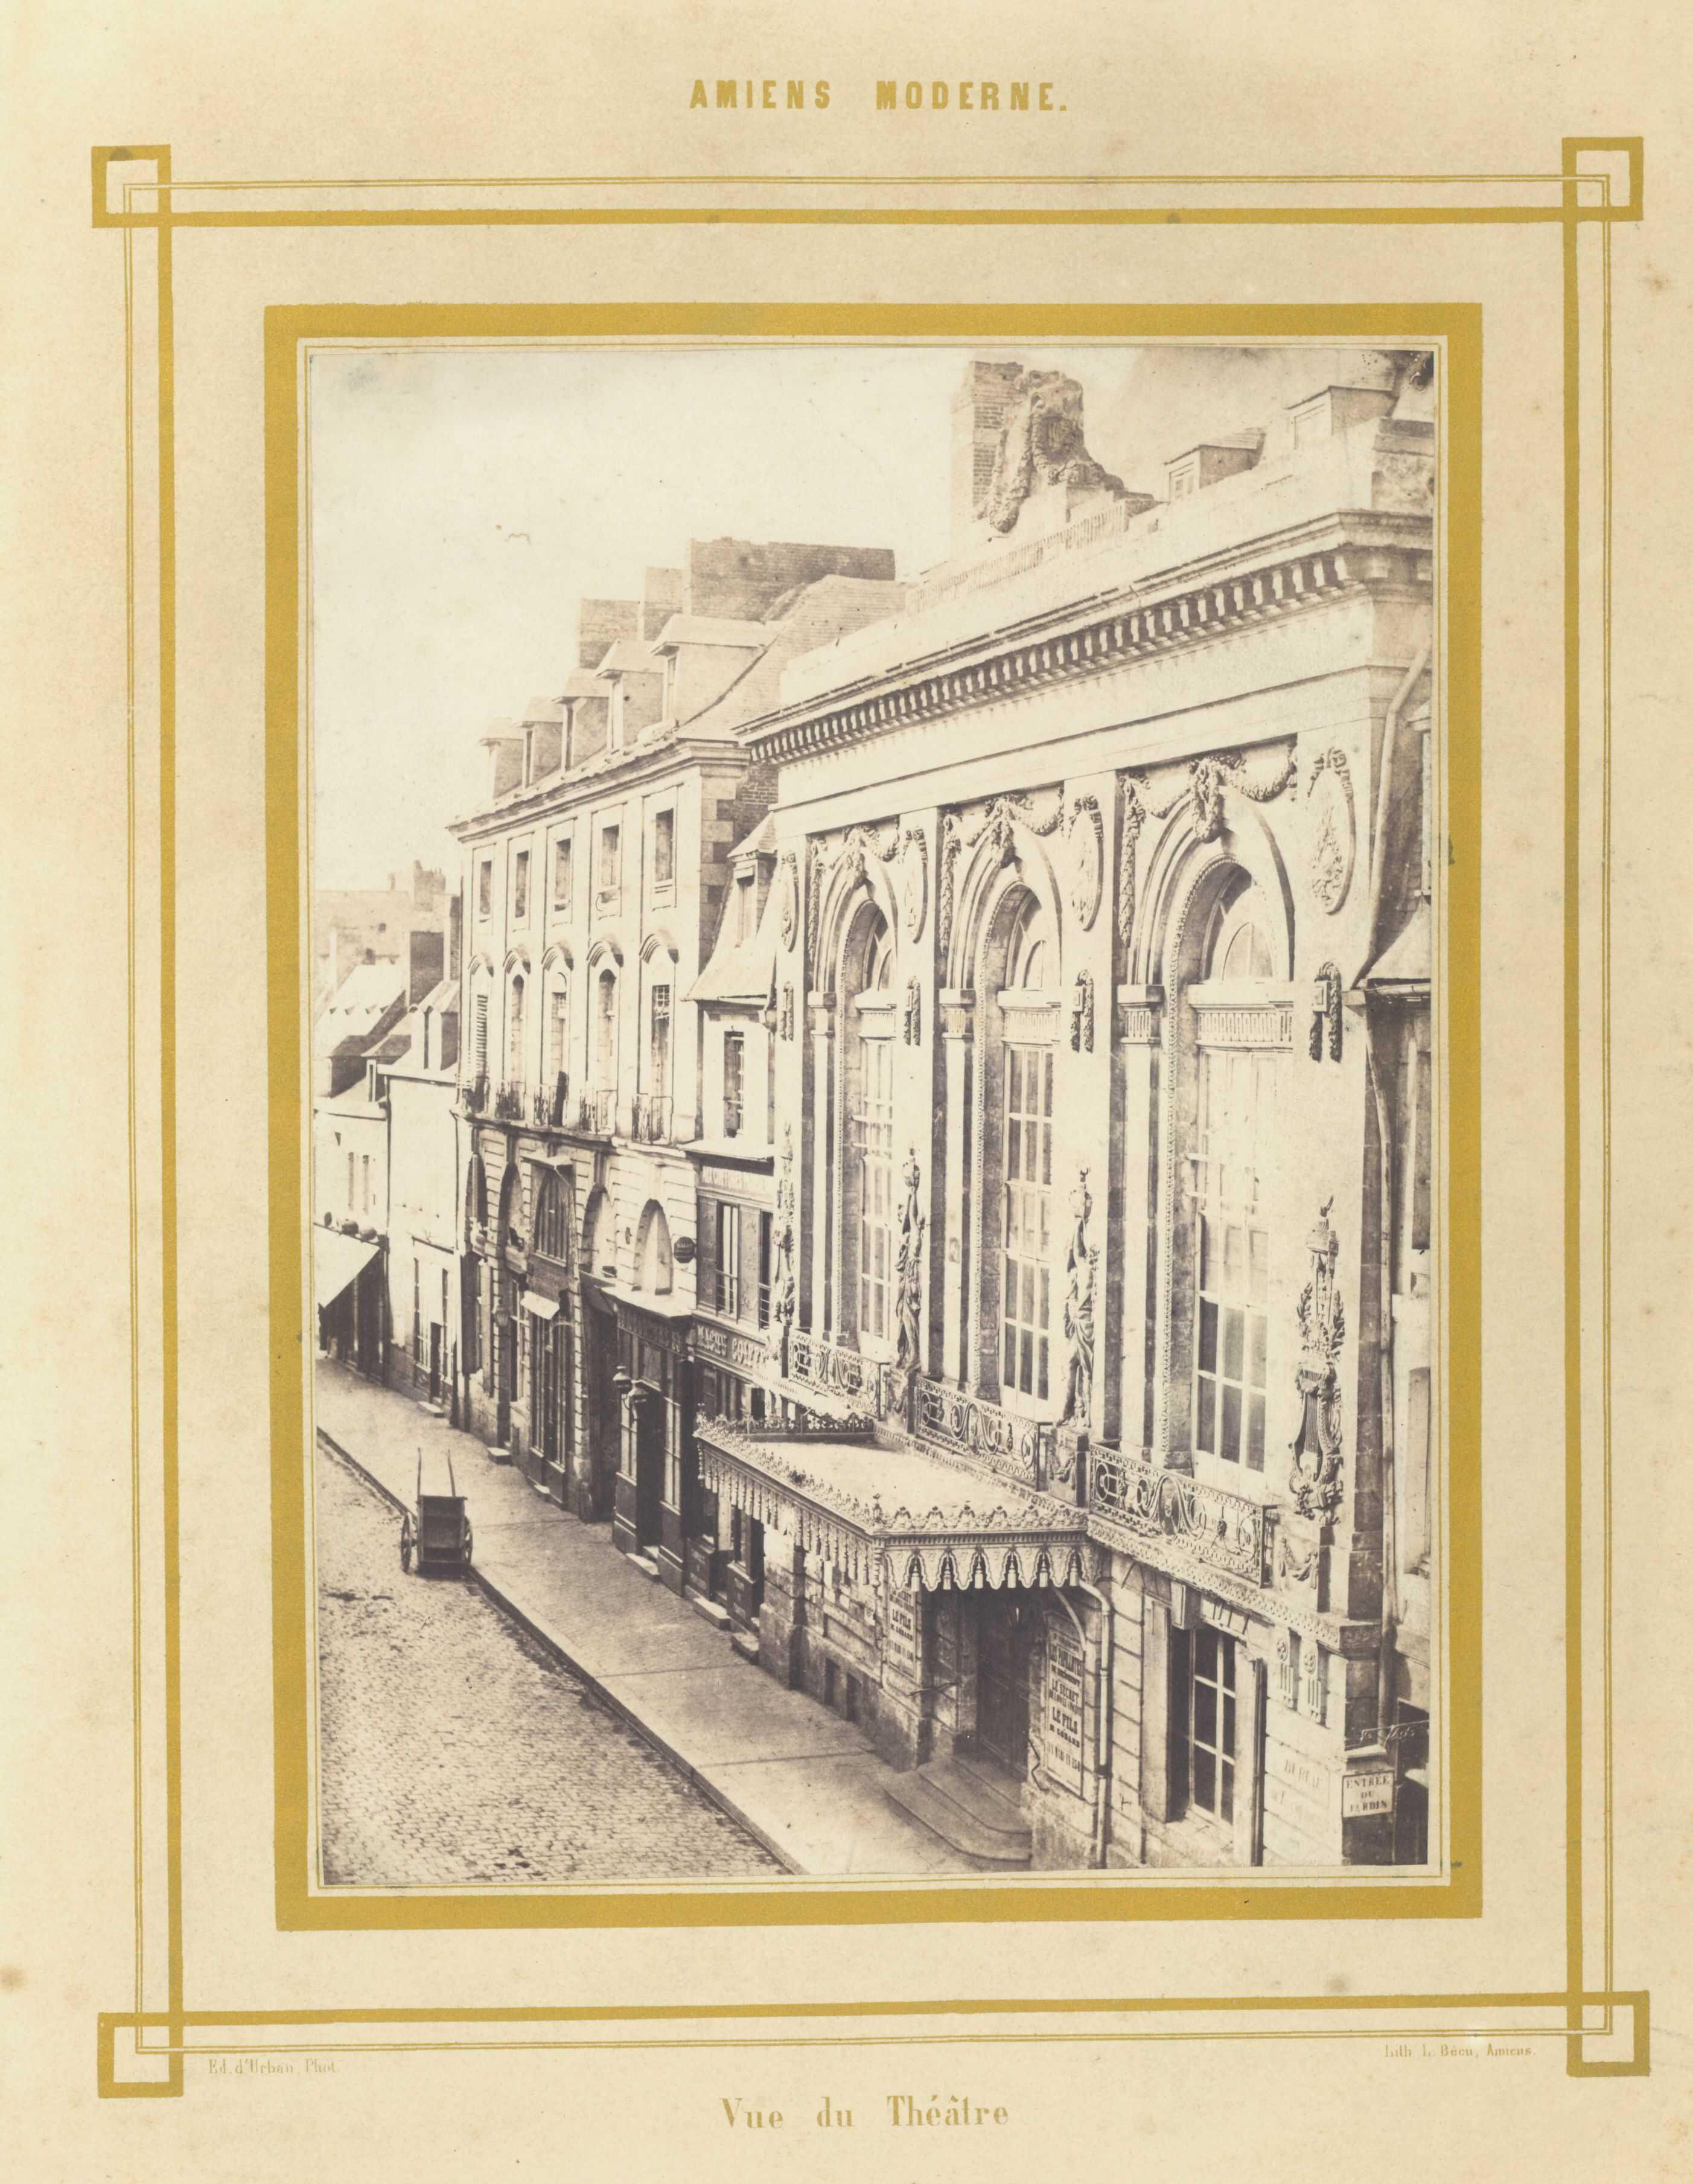 Amiens Moderne. Vue du Théâtre